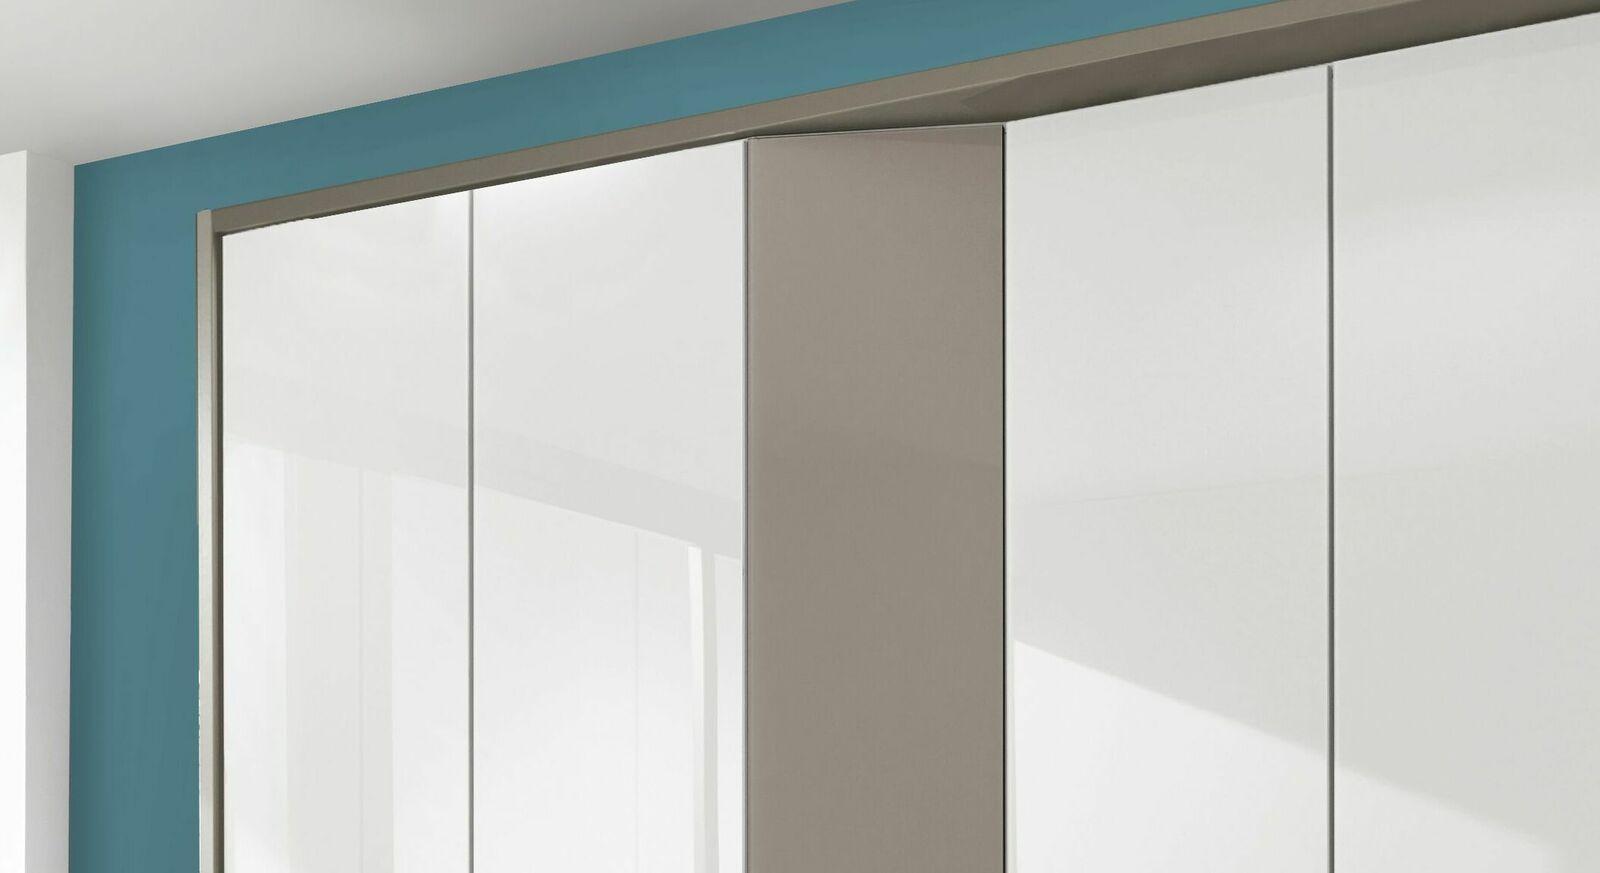 Drehtüren-Kleiderschrank Evansville mit zusätzlichem Stauraum